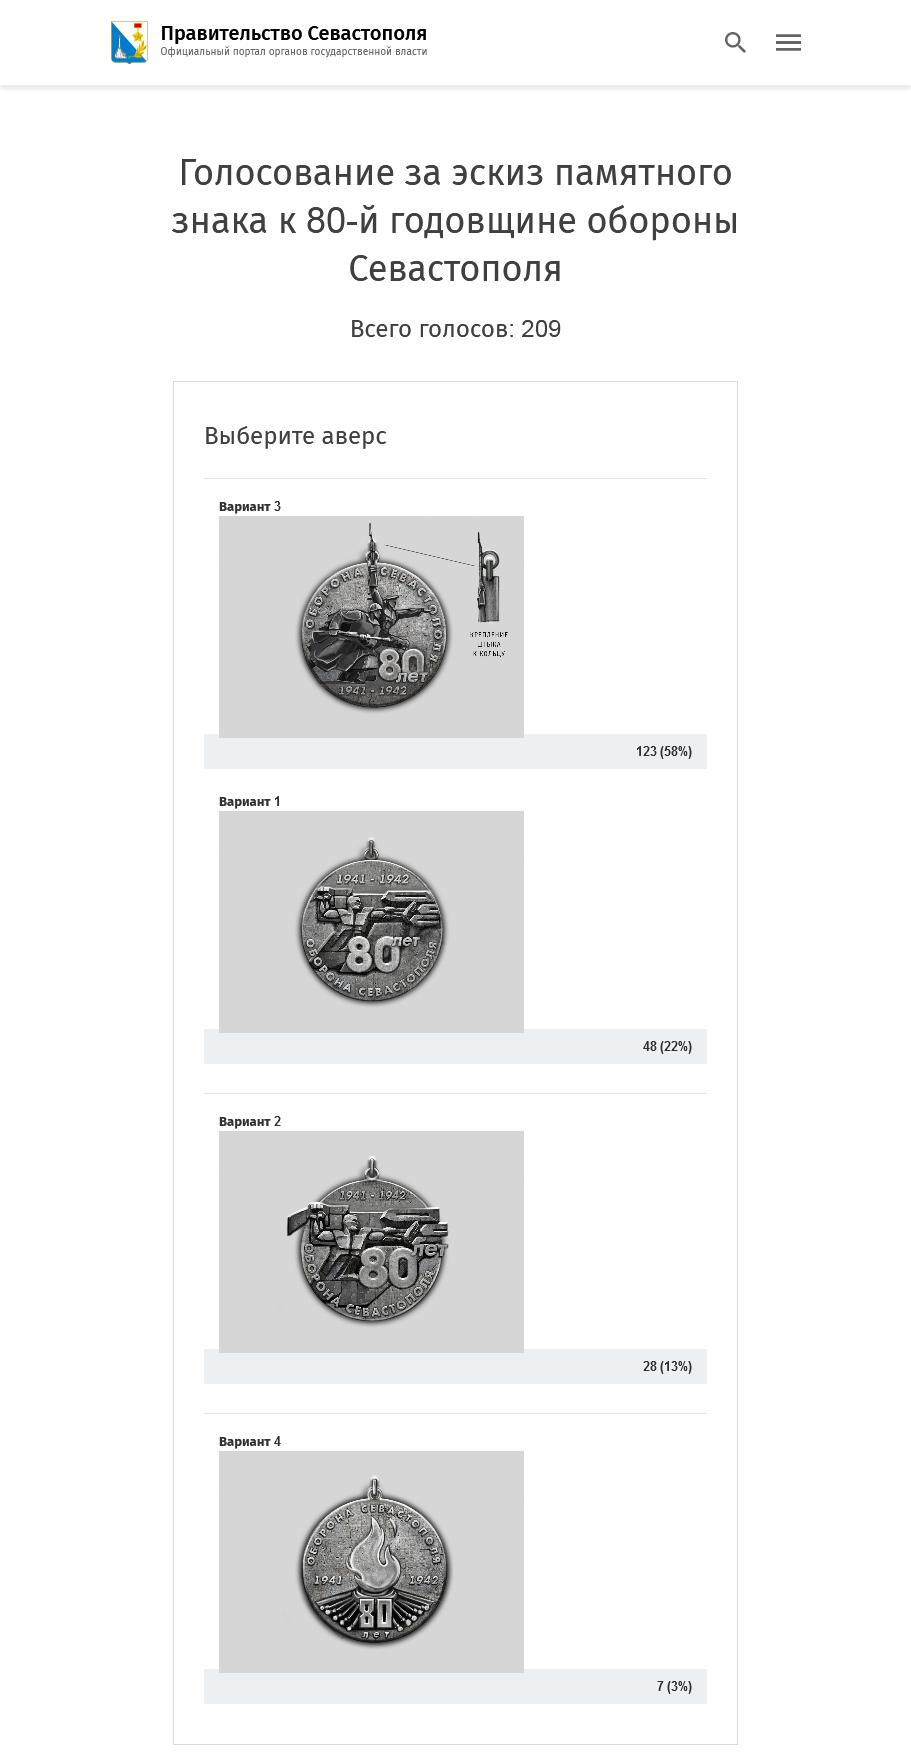 FS-20210914_15-12-n00838-Голосование за эскиз памятного знака к 80-й годовщине обороны Севастополя – Результаты опроса-sev.gov.ru-01